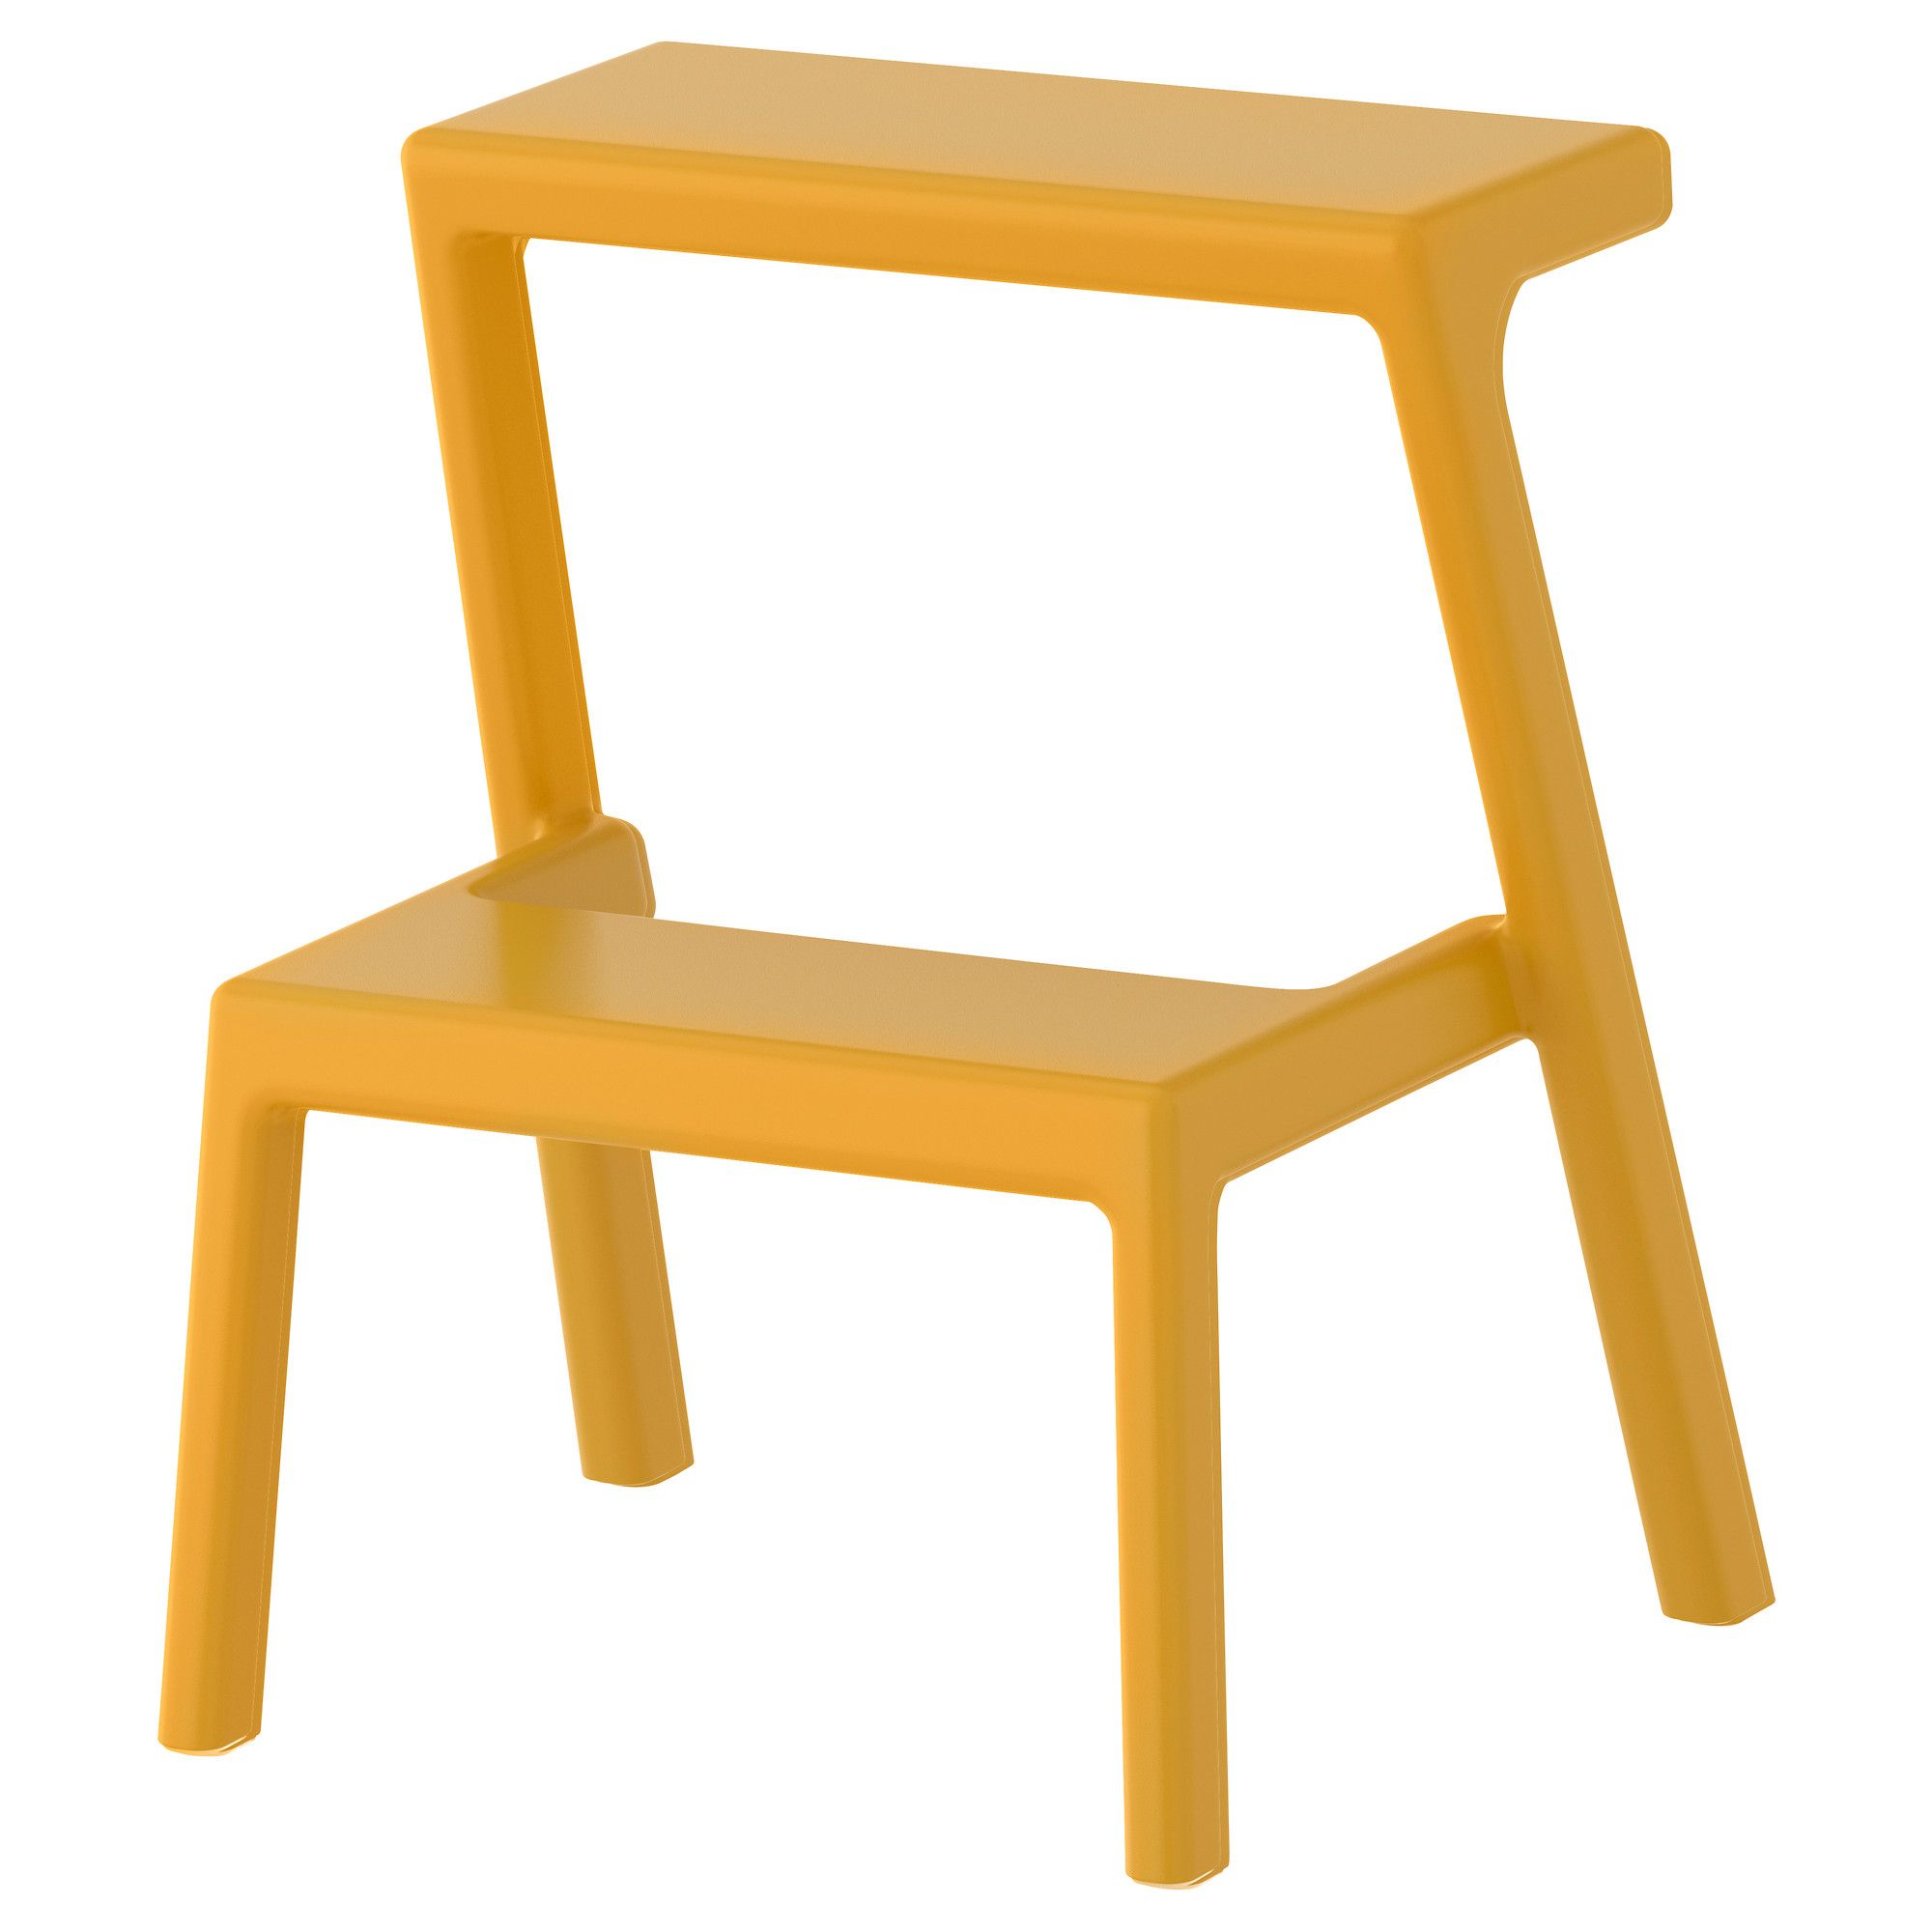 Ikea nederland interieur online bestellen step stool